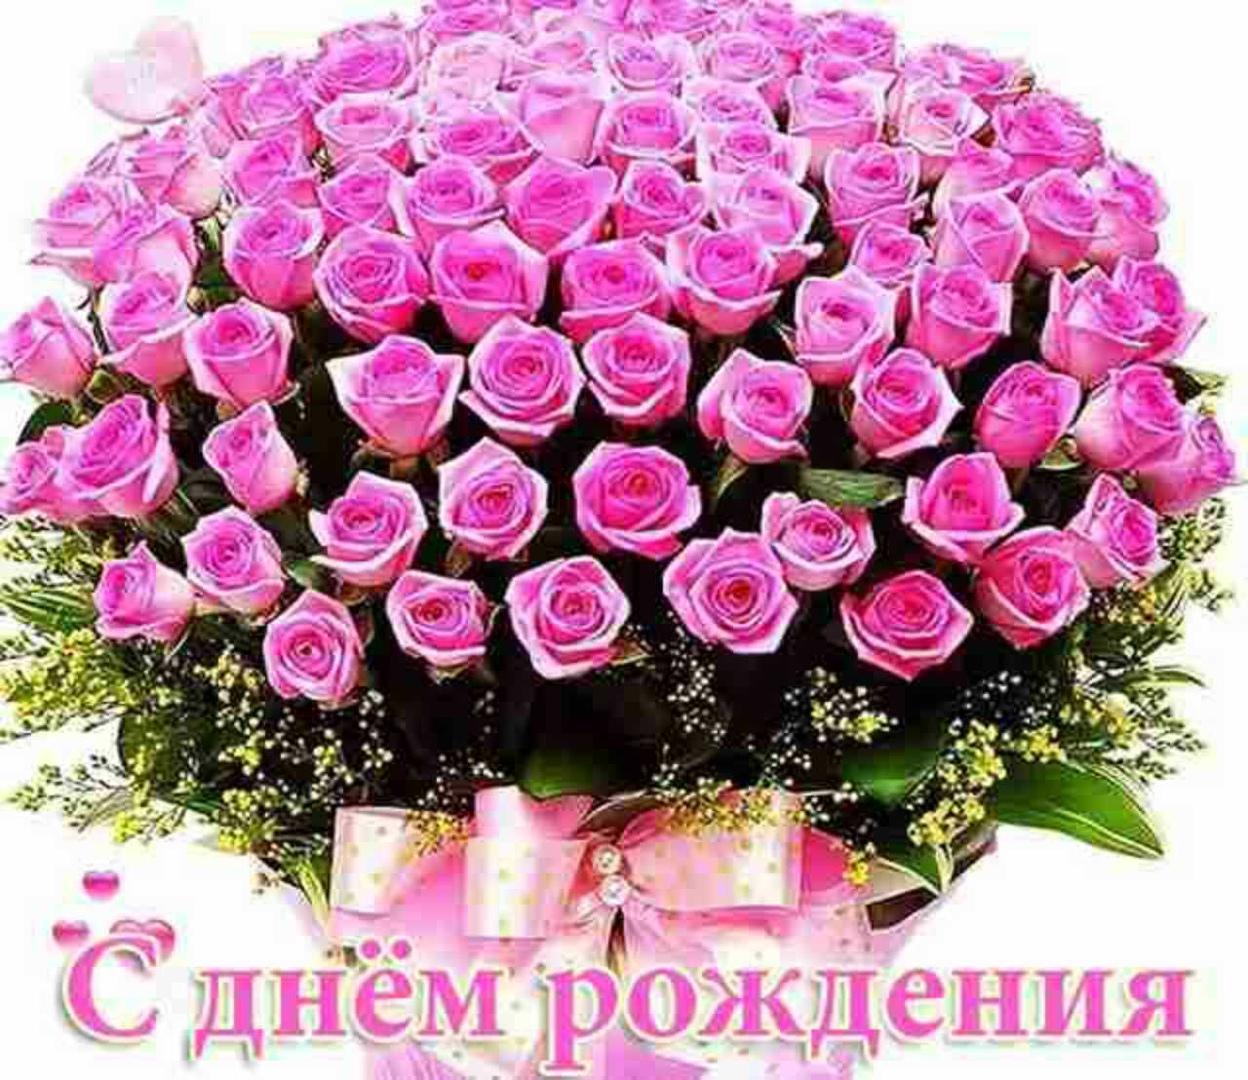 """Цветная картинка, на ней изображён большой букет розовых роз, перевязанных розовым бантом в горошек. Внизу розовыми буквами надпись """"С днём рождения"""""""